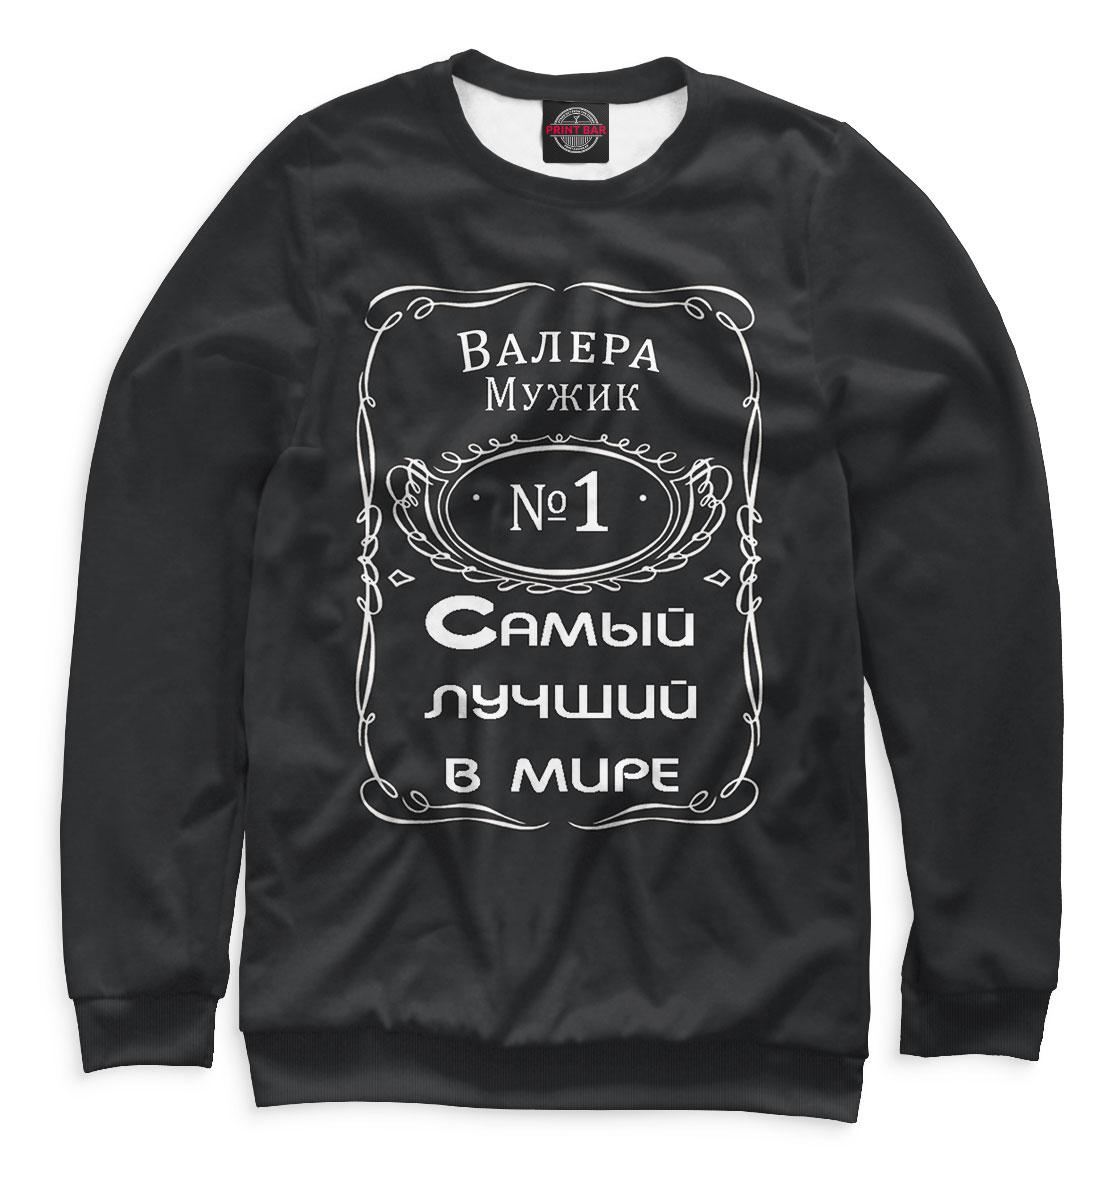 Купить Валера — самый лучший в мире, Printbar, Свитшоты, IMR-926315-swi